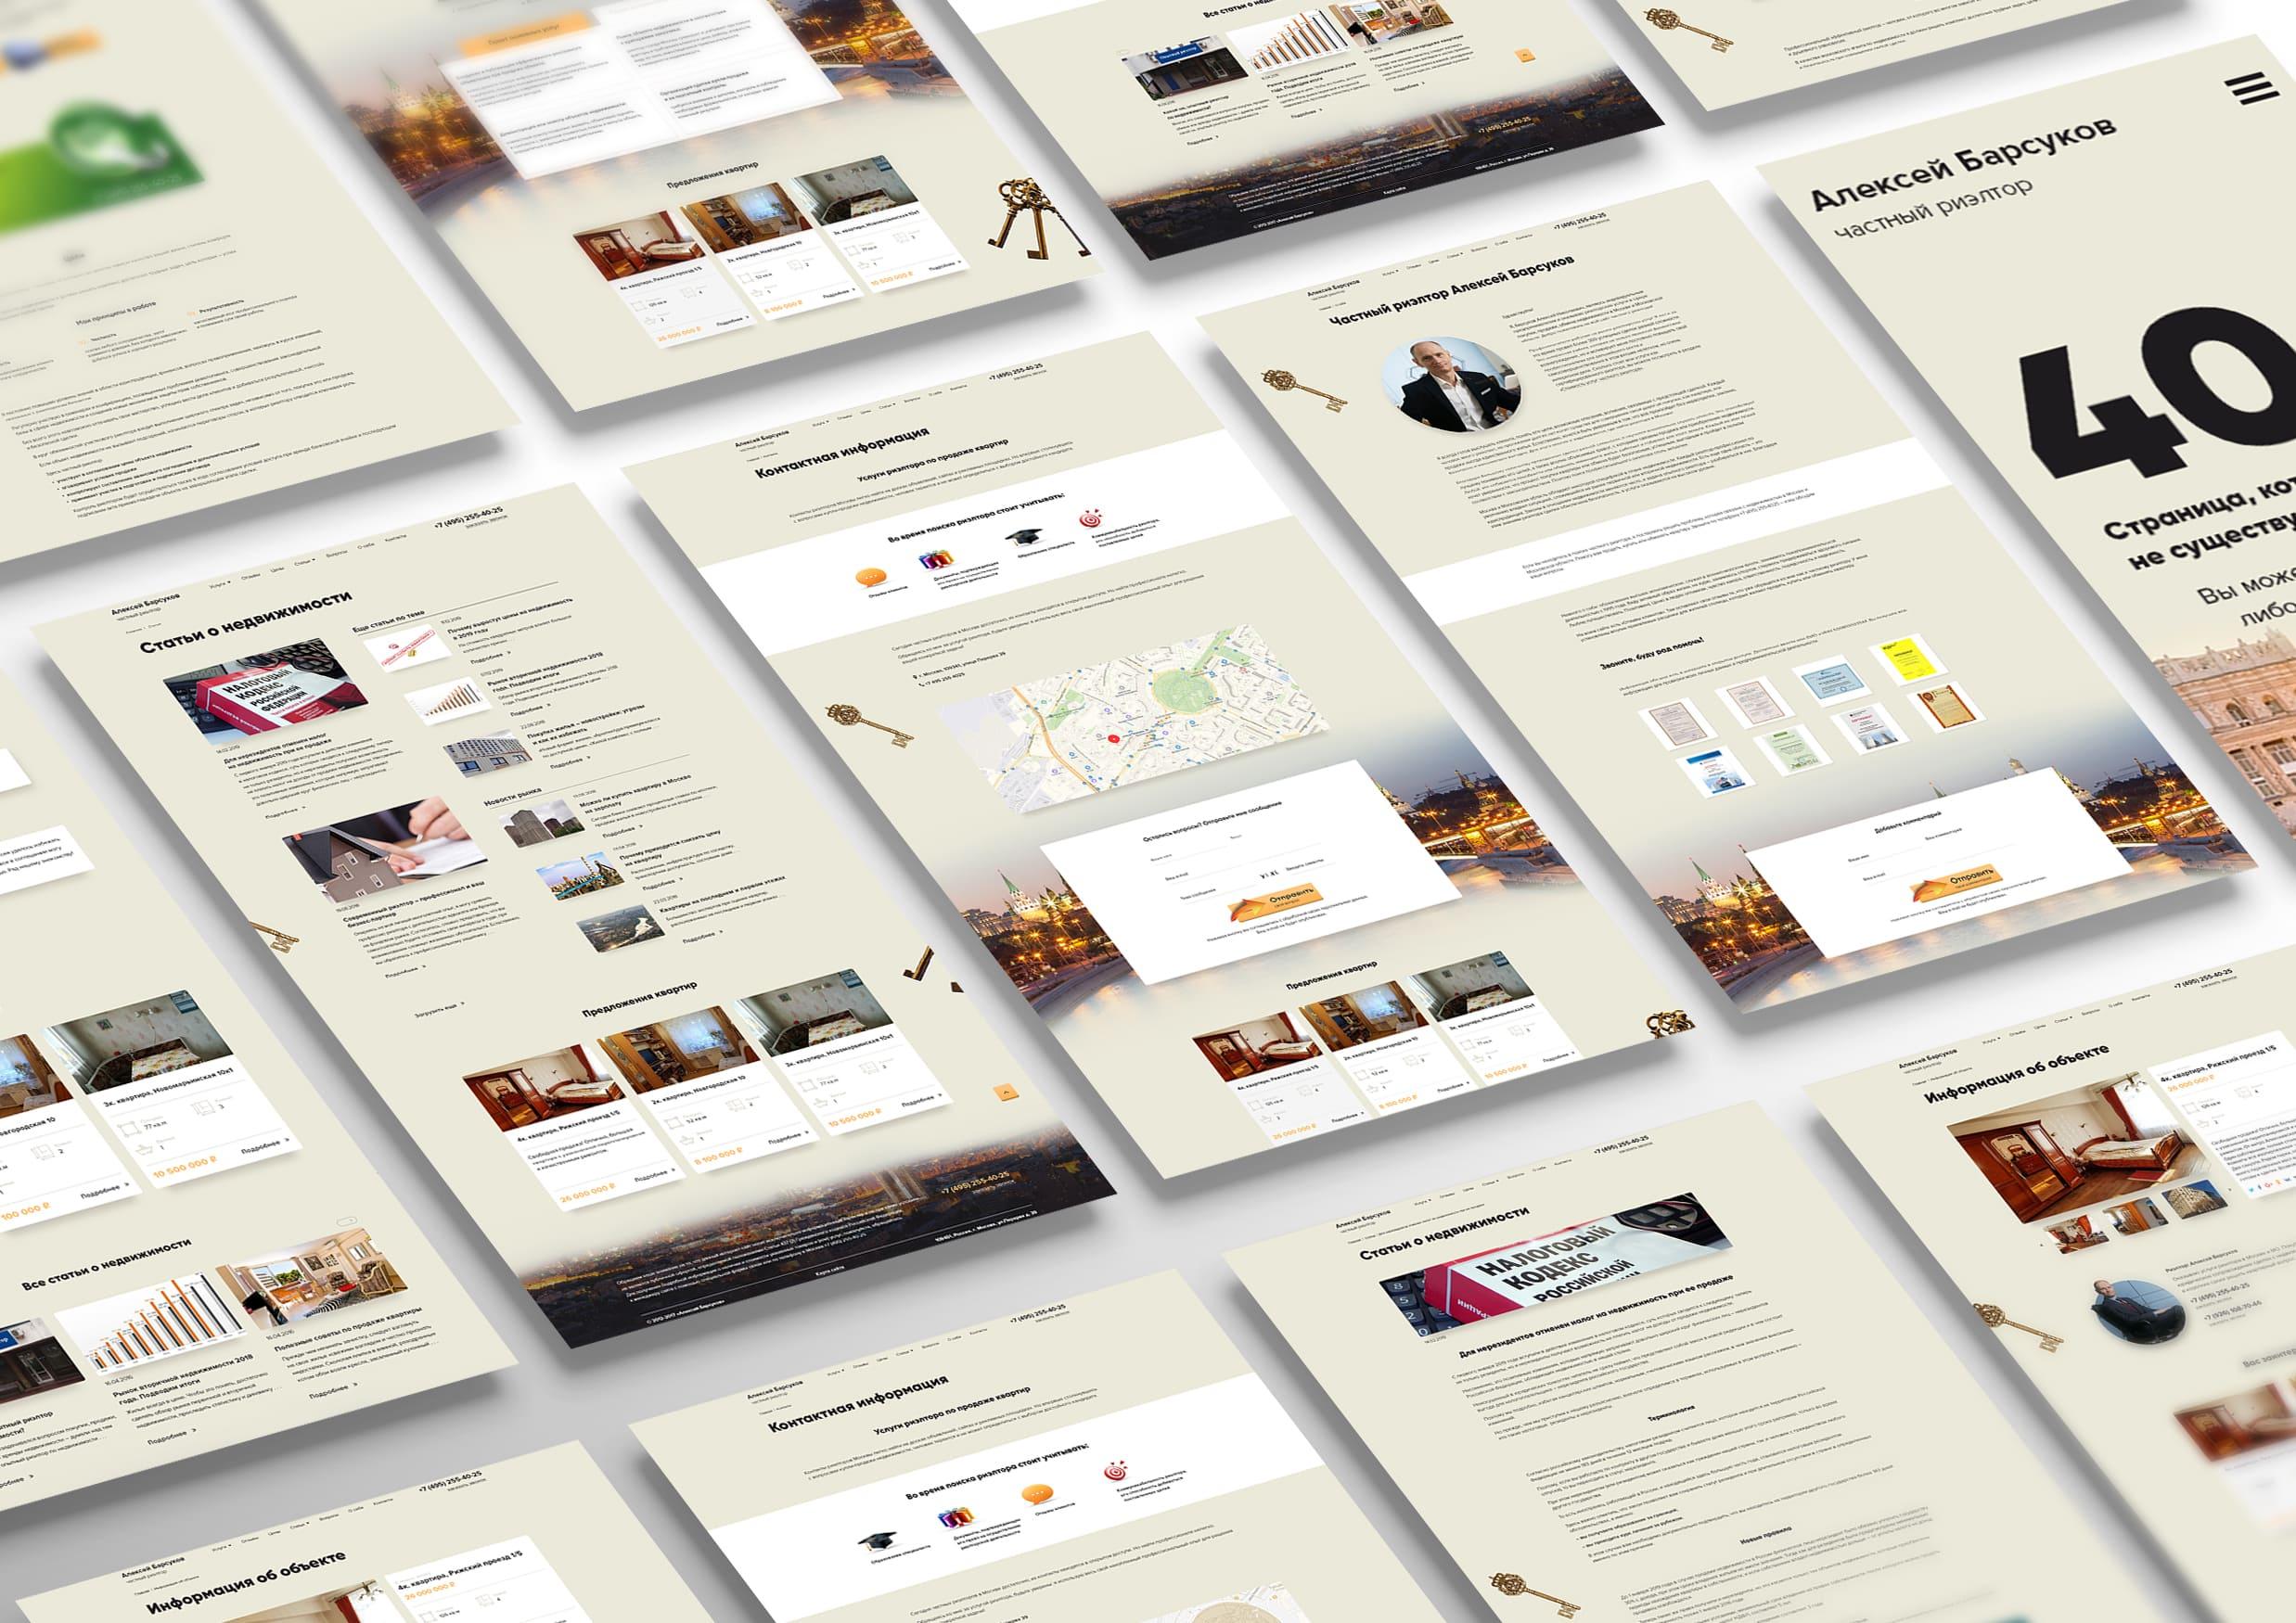 Примеры страниц.Дизайн корпоративного сайта риелтора